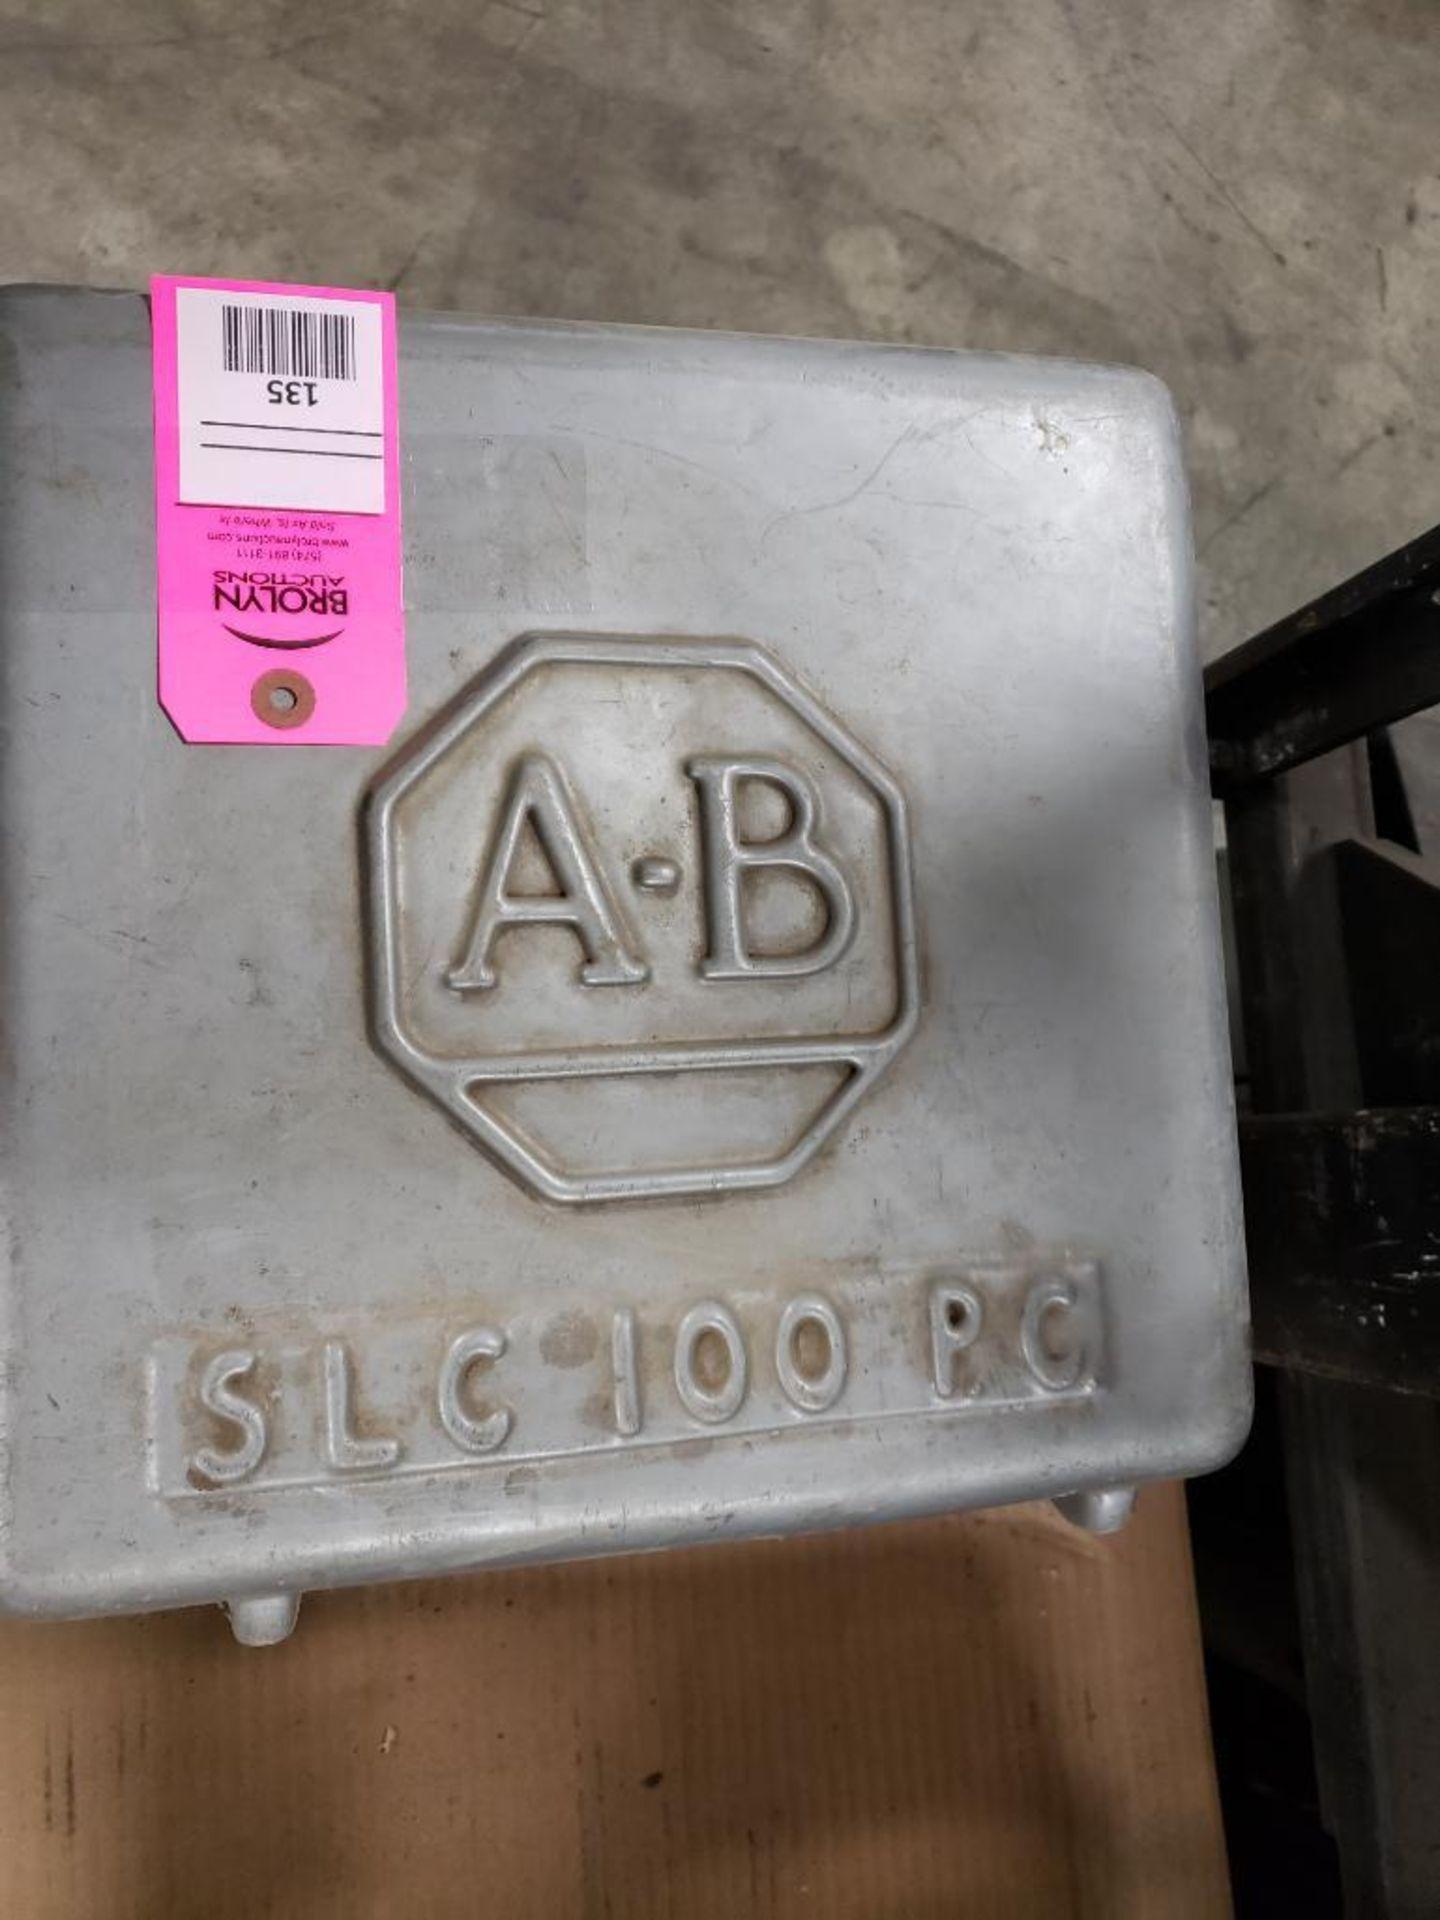 Allen Bradley SLC100-PC demo / trainer unit. 1745-DEMO-1.